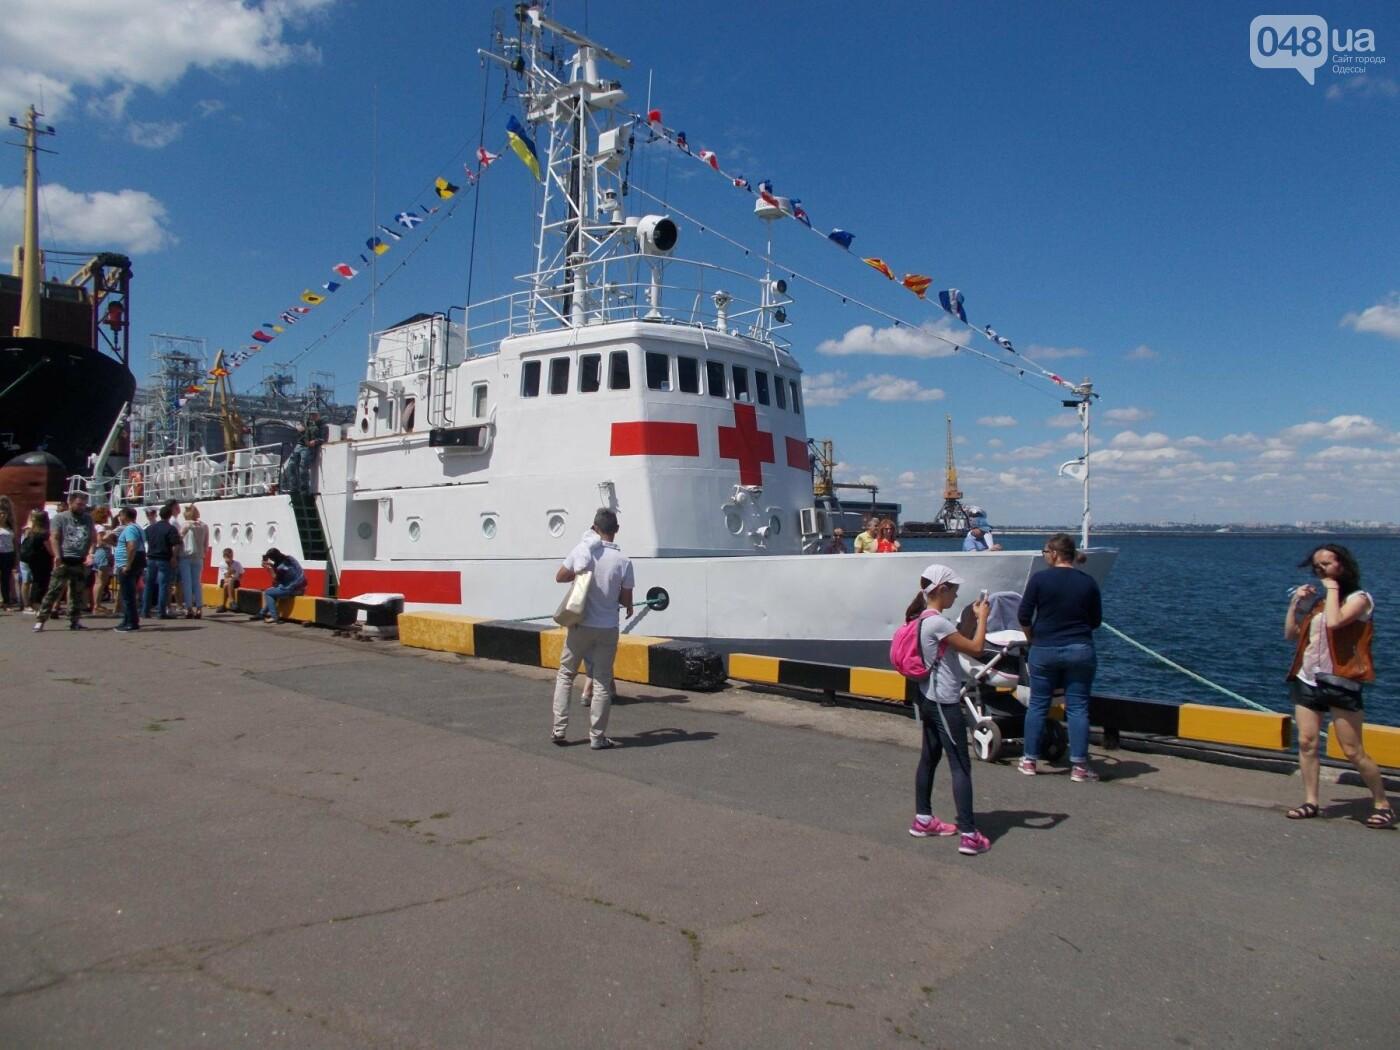 День Военно-морских сил Украины отпраздновали на Одесском морвокзале, - ФОТО , фото-12